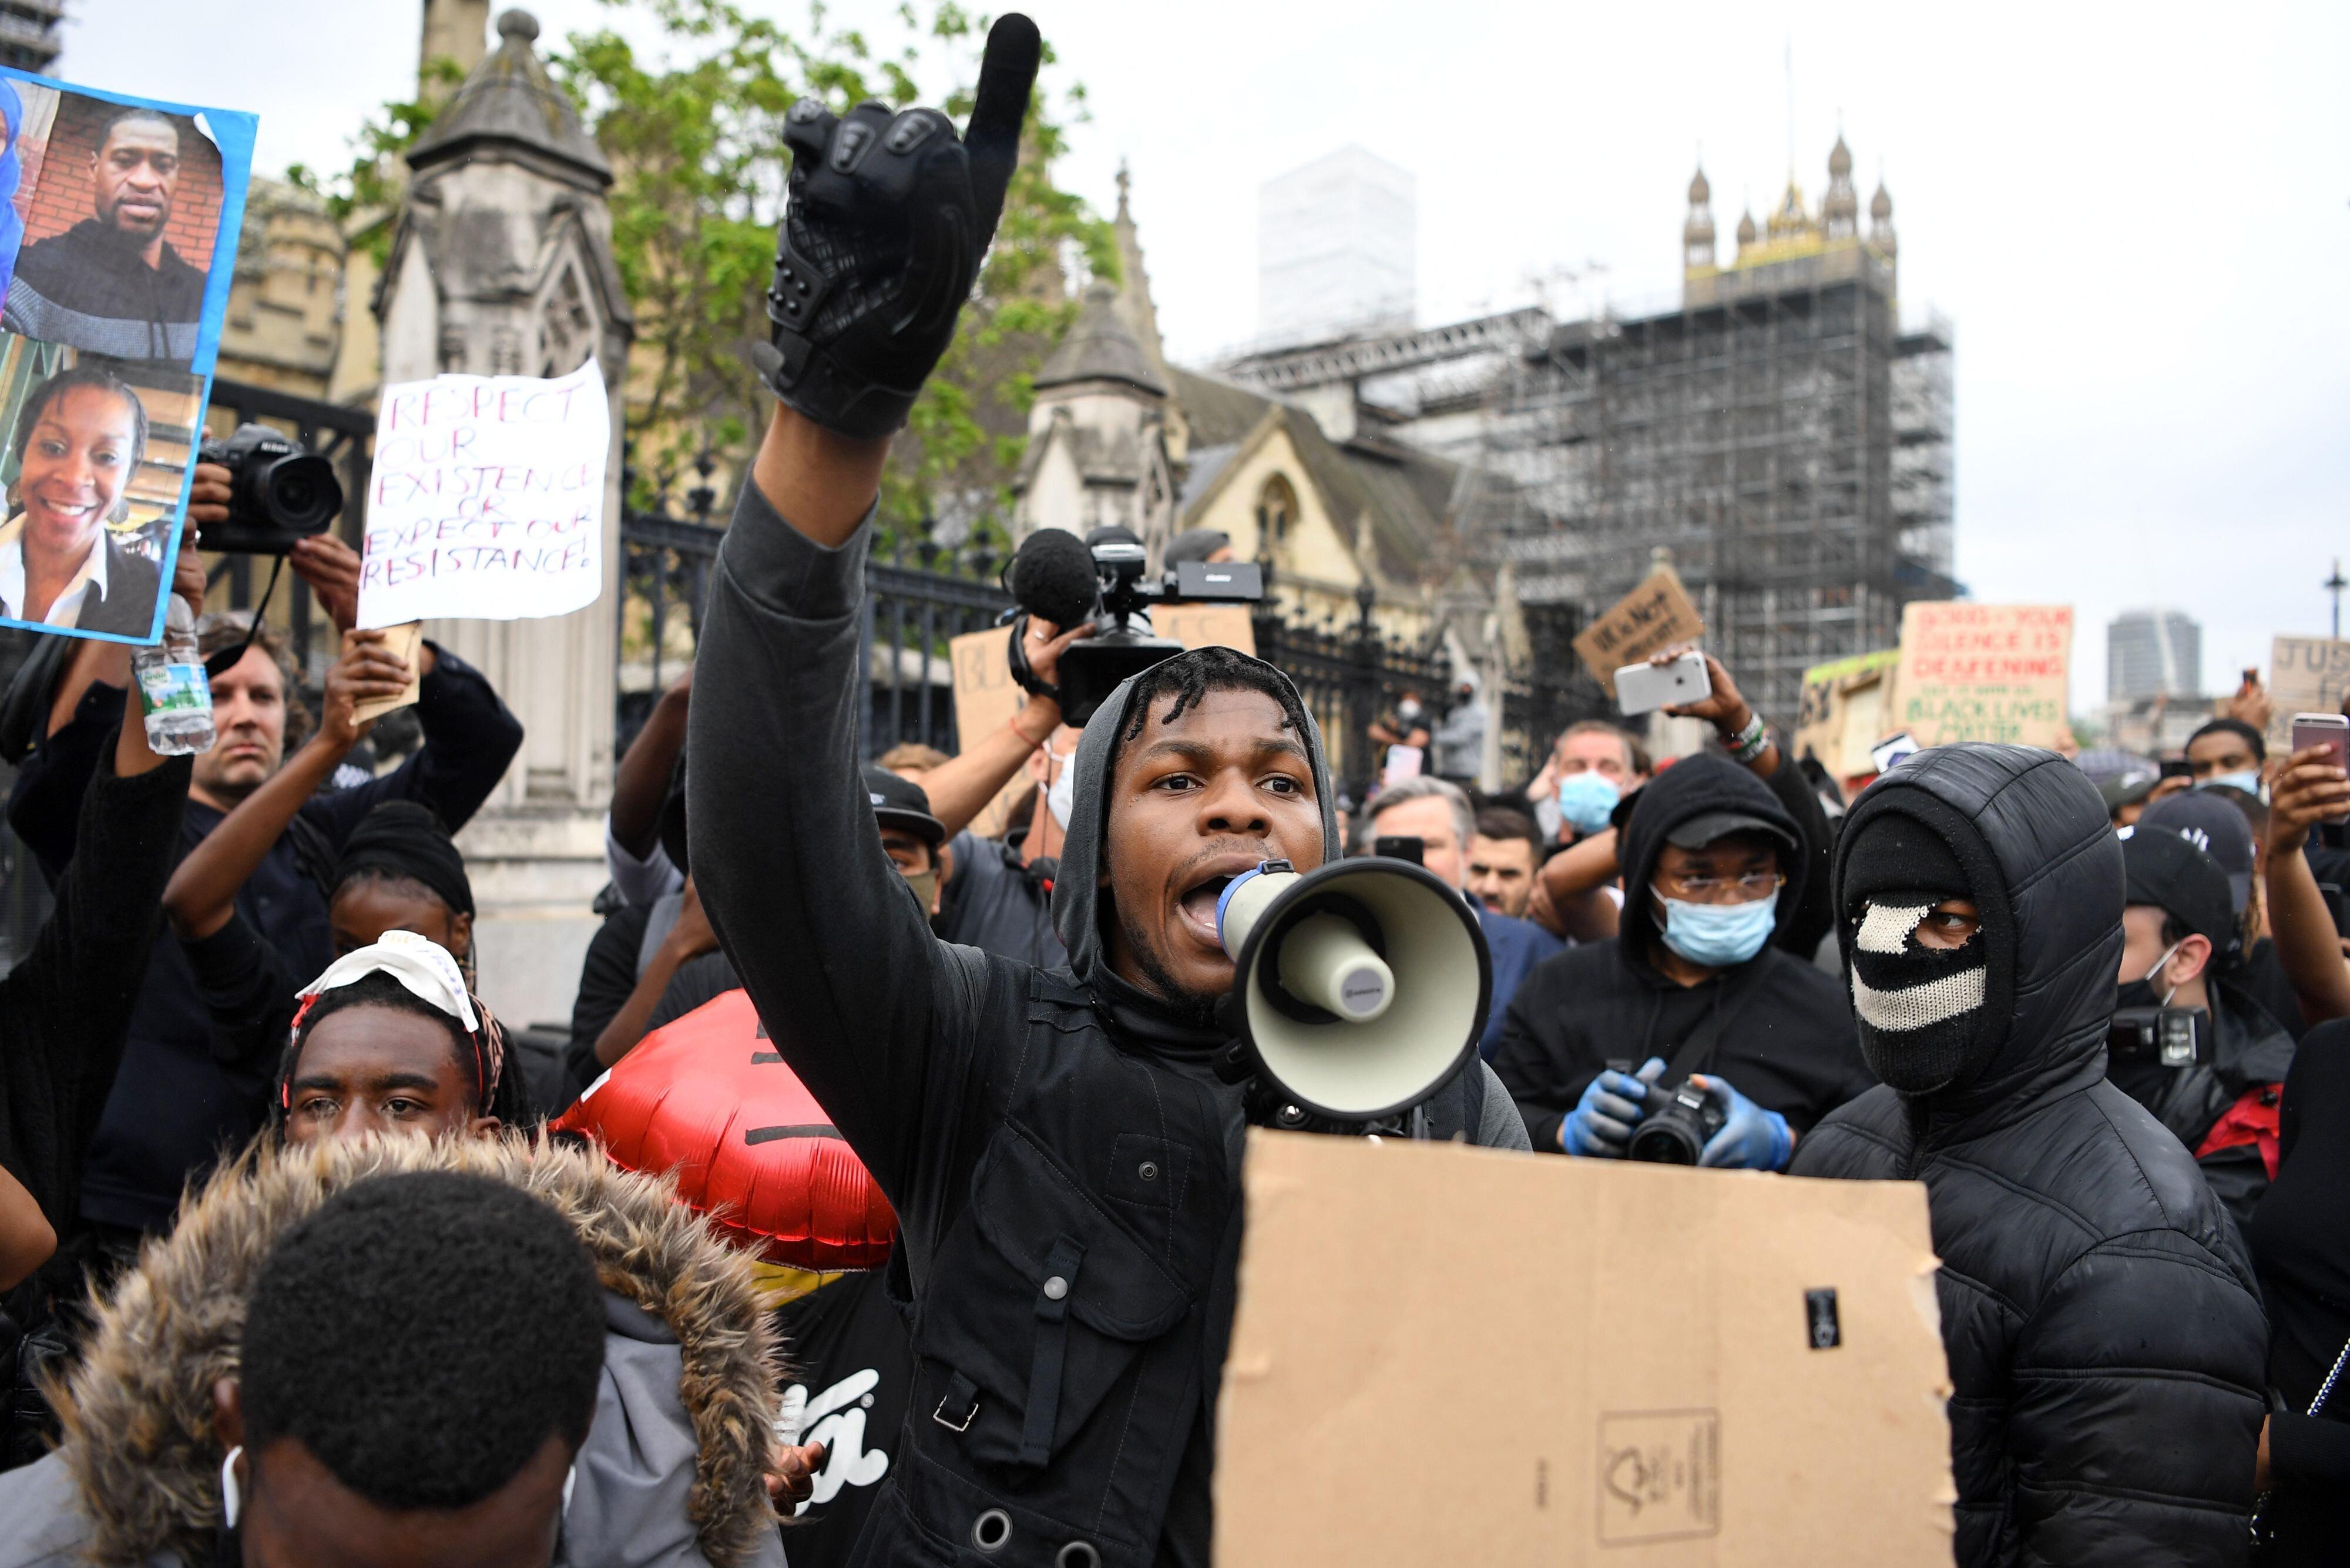 John Boyega at a Black Lives Matter protest in June.